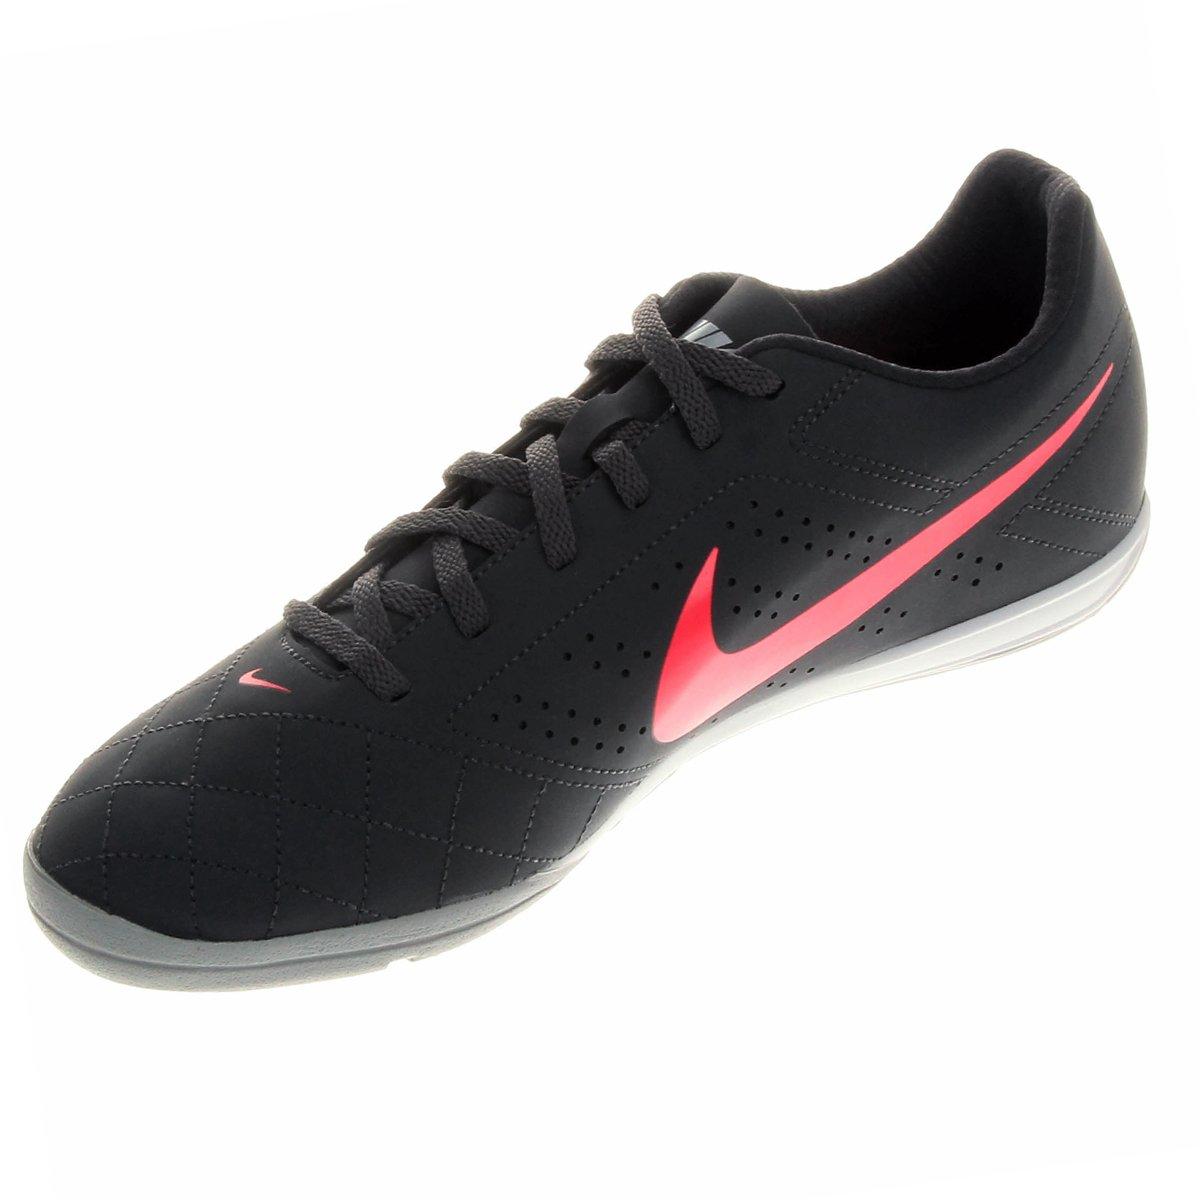 01d6da6d52 Chuteira Futsal Nike Beco 2 Futsal - Chumbo e Rosa - Compre Agora ...